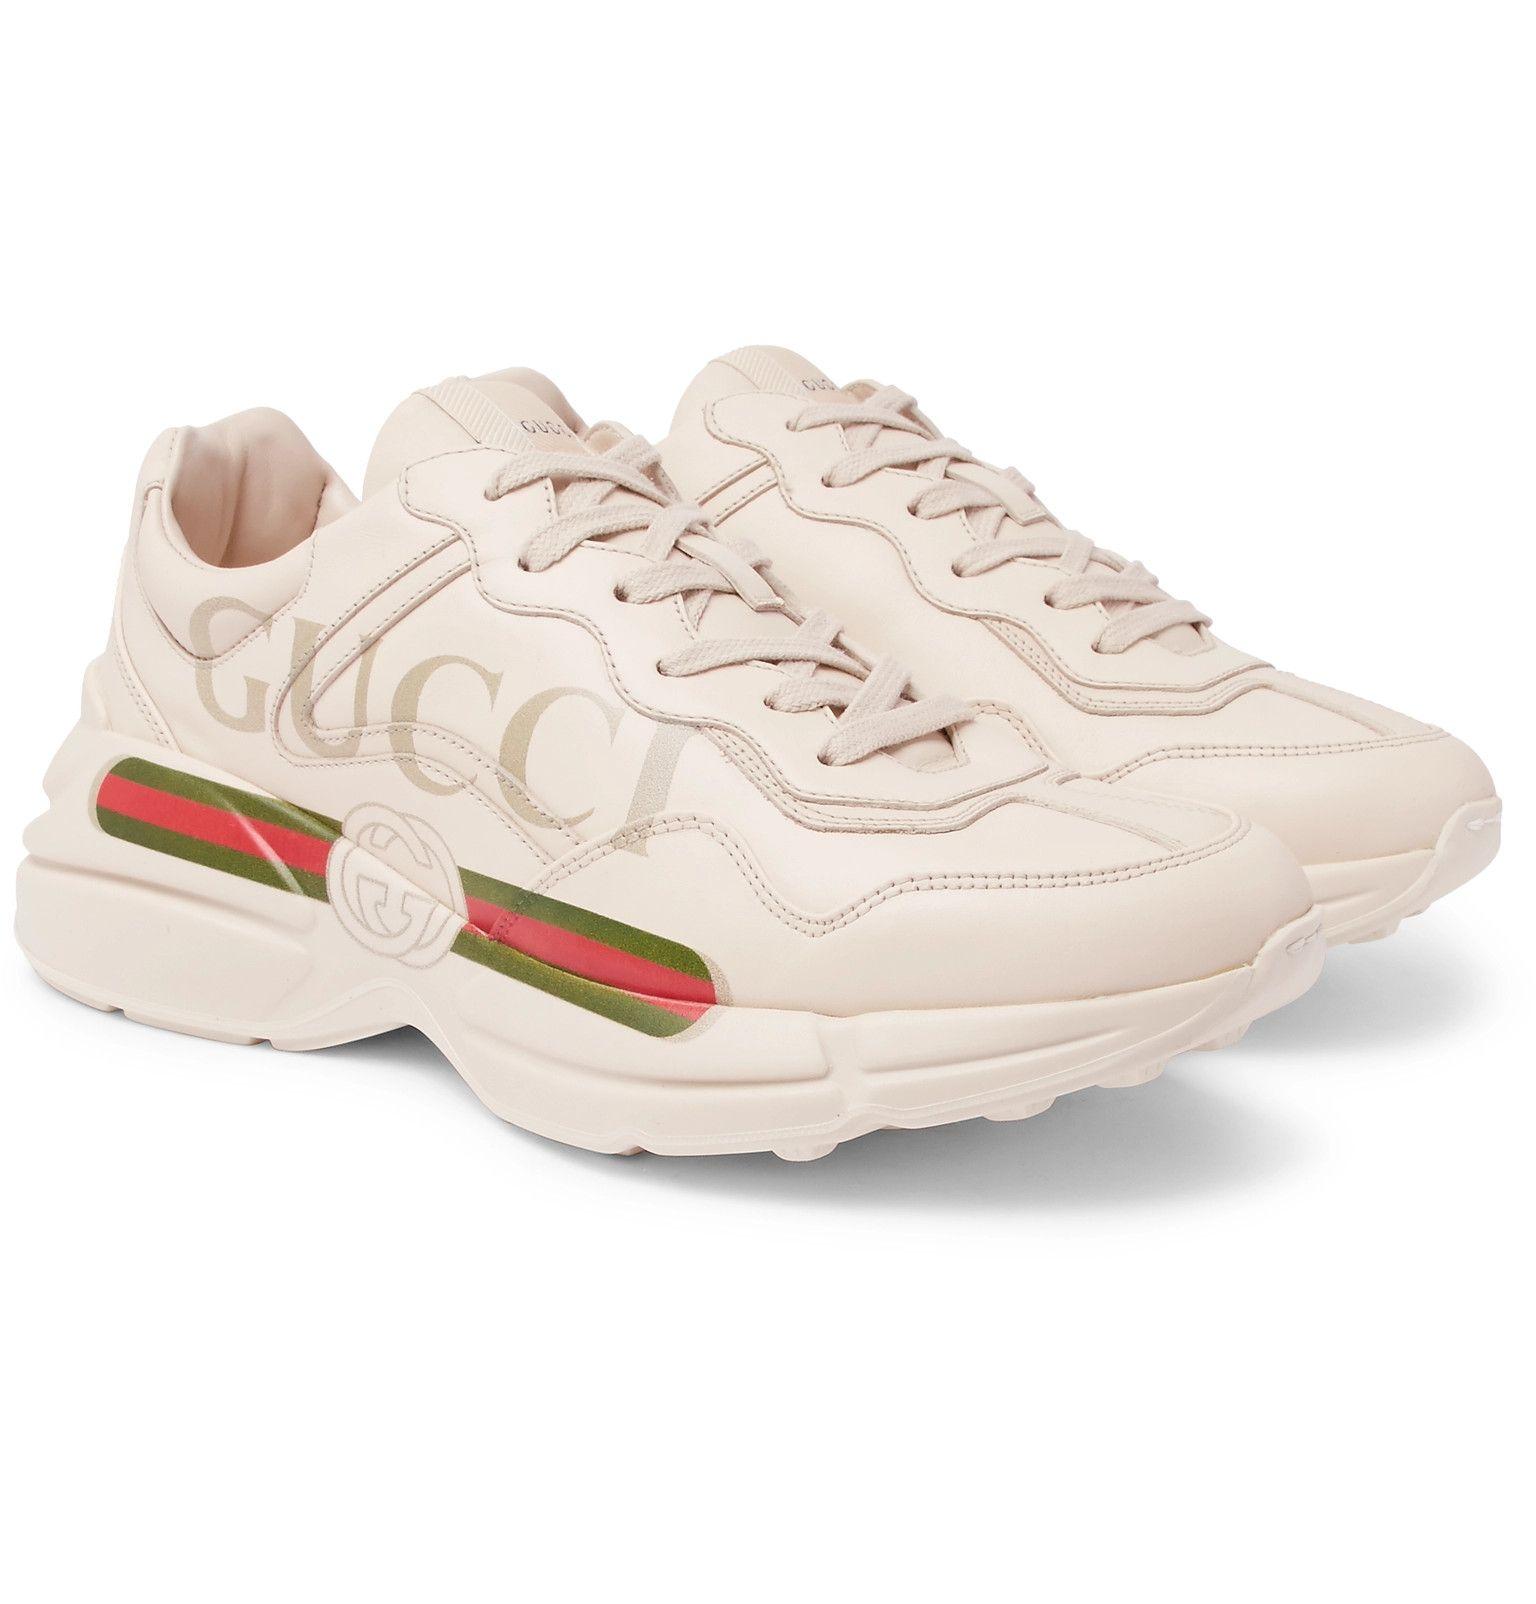 Gucci - Rhyton Logo-Print Leather Sneakers Tênis De Couro 7390d028e5b